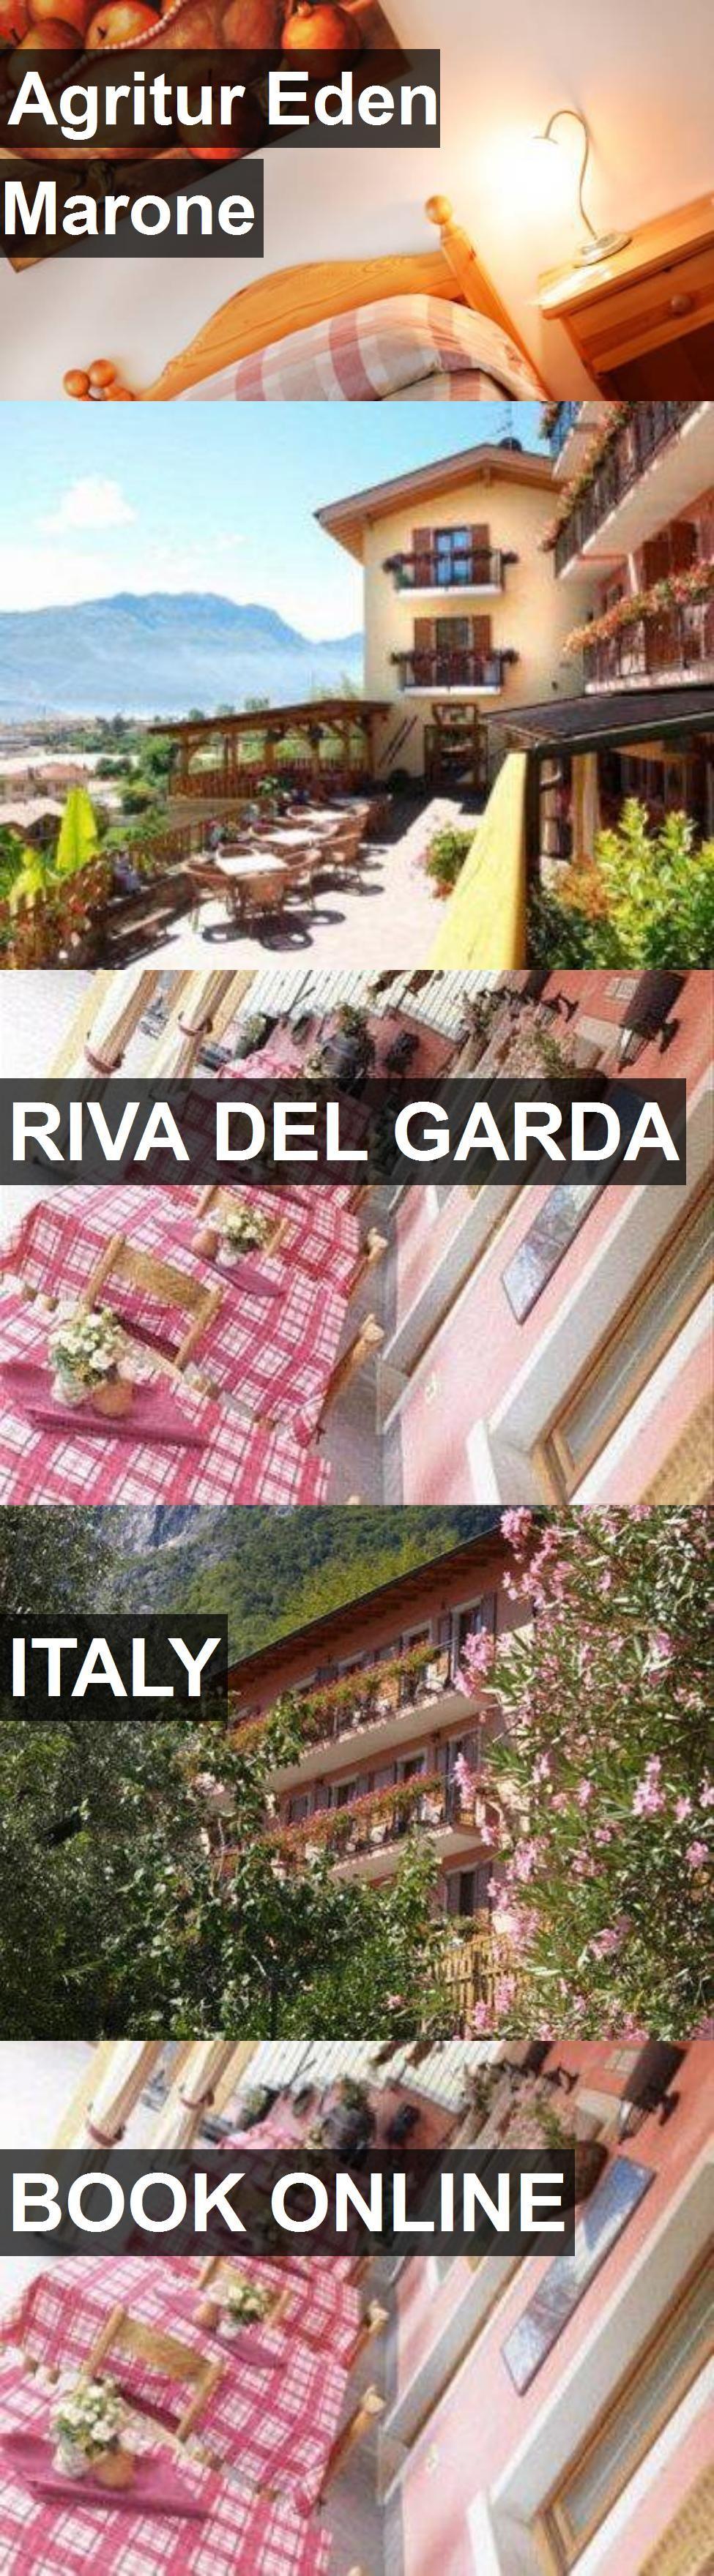 Hotel Agritur Eden Marone in Riva del Garda, Italy. For